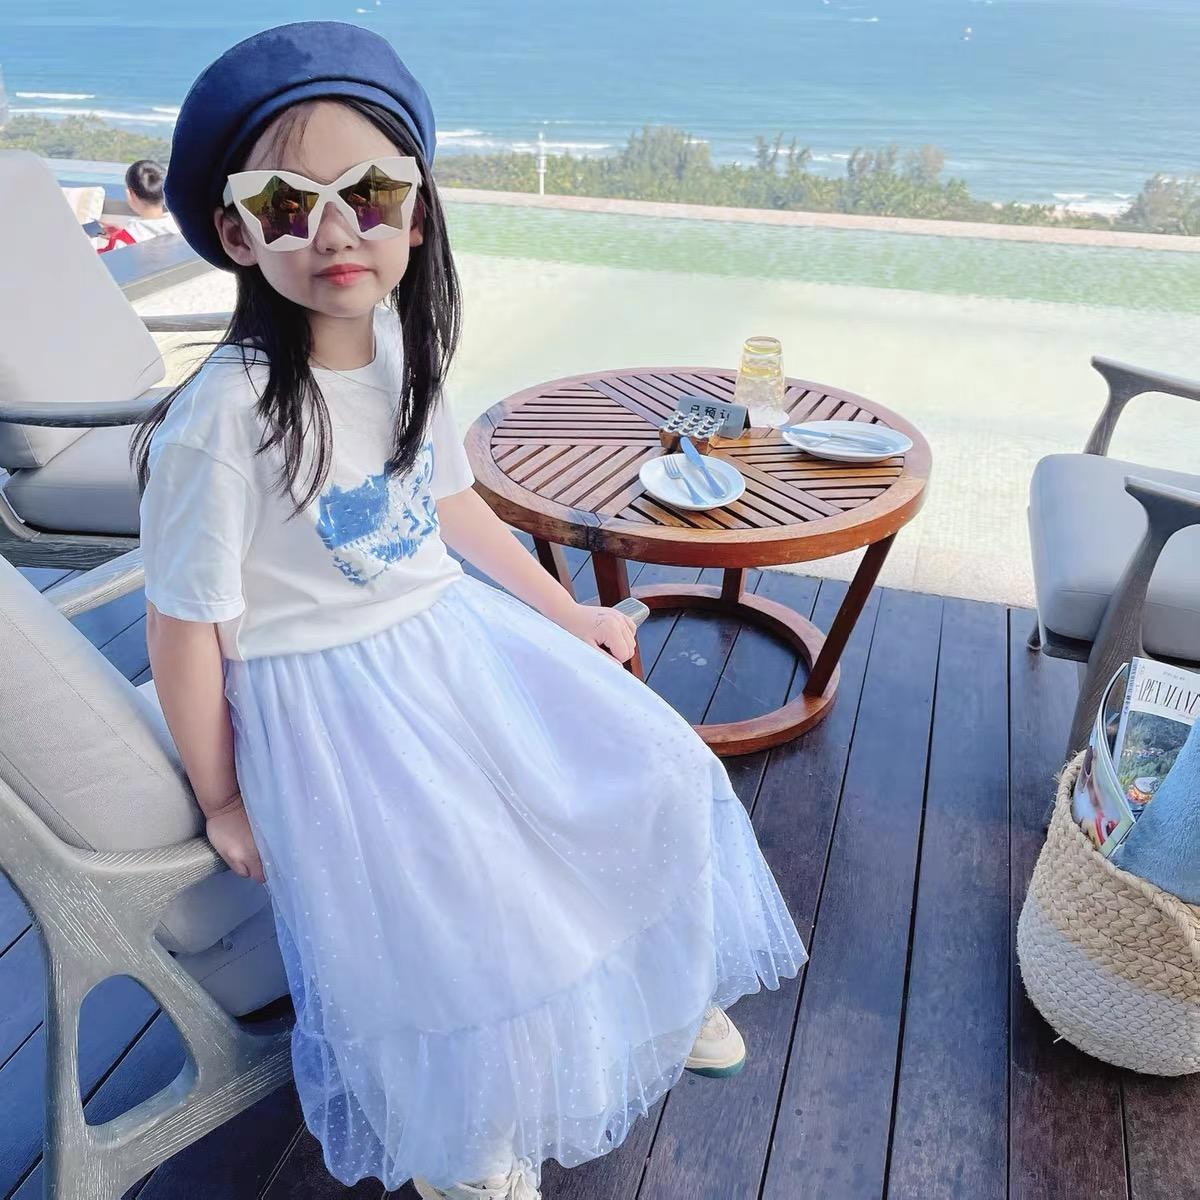 جديد أطفال بنات تنورة الملابس أزياء الأطفال اللباس 2021 الصيف الدانتيل طباعة تنورة طفلة عيد ميلاد توتو قمم